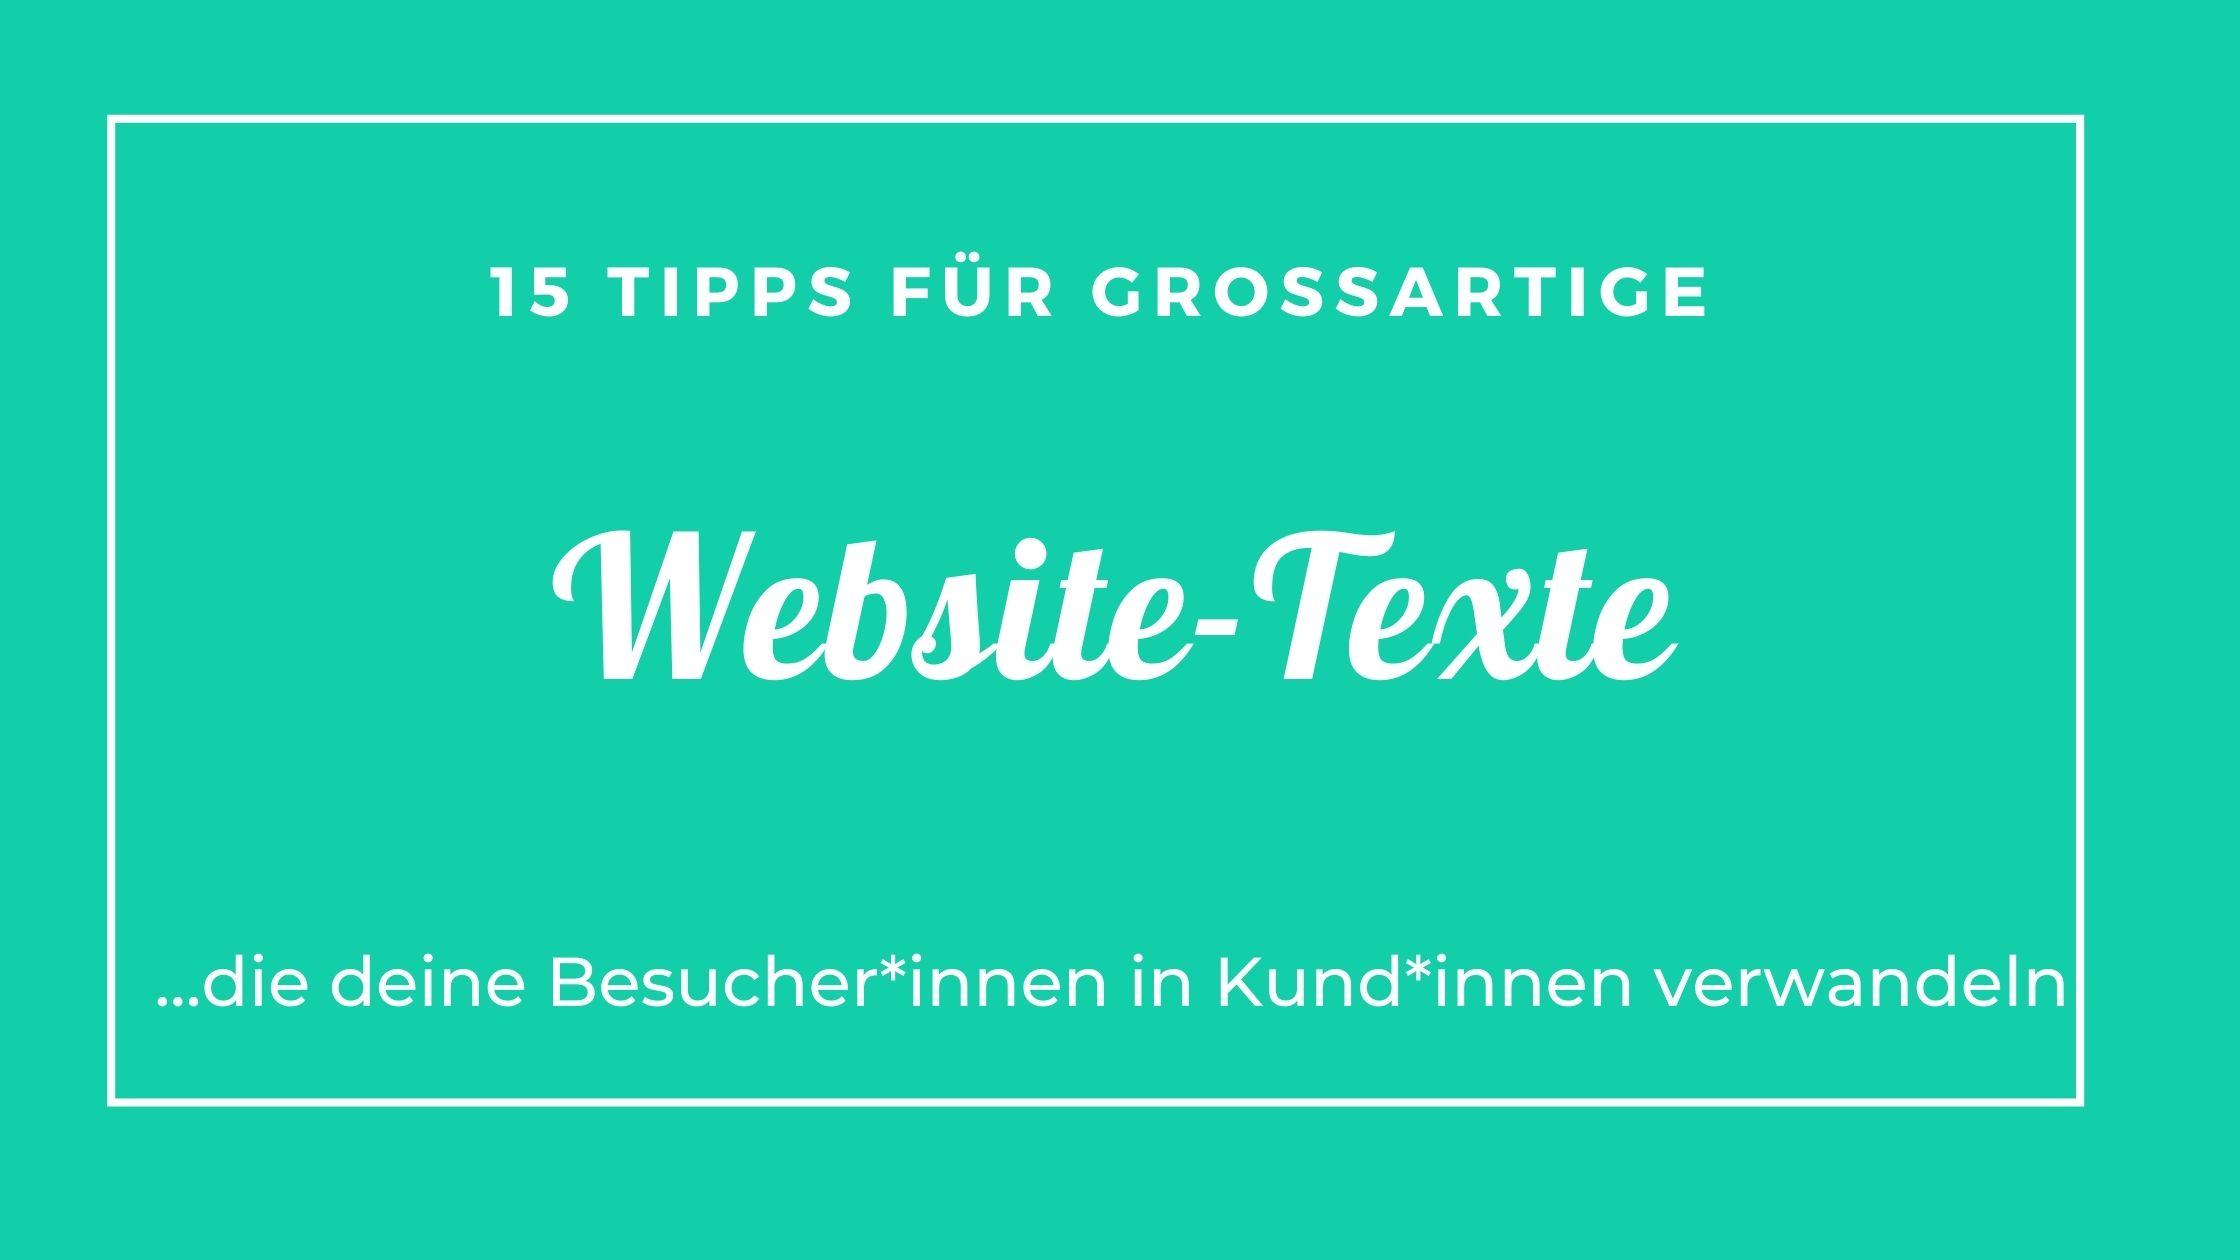 15 Tipps für großartige Website-Texte